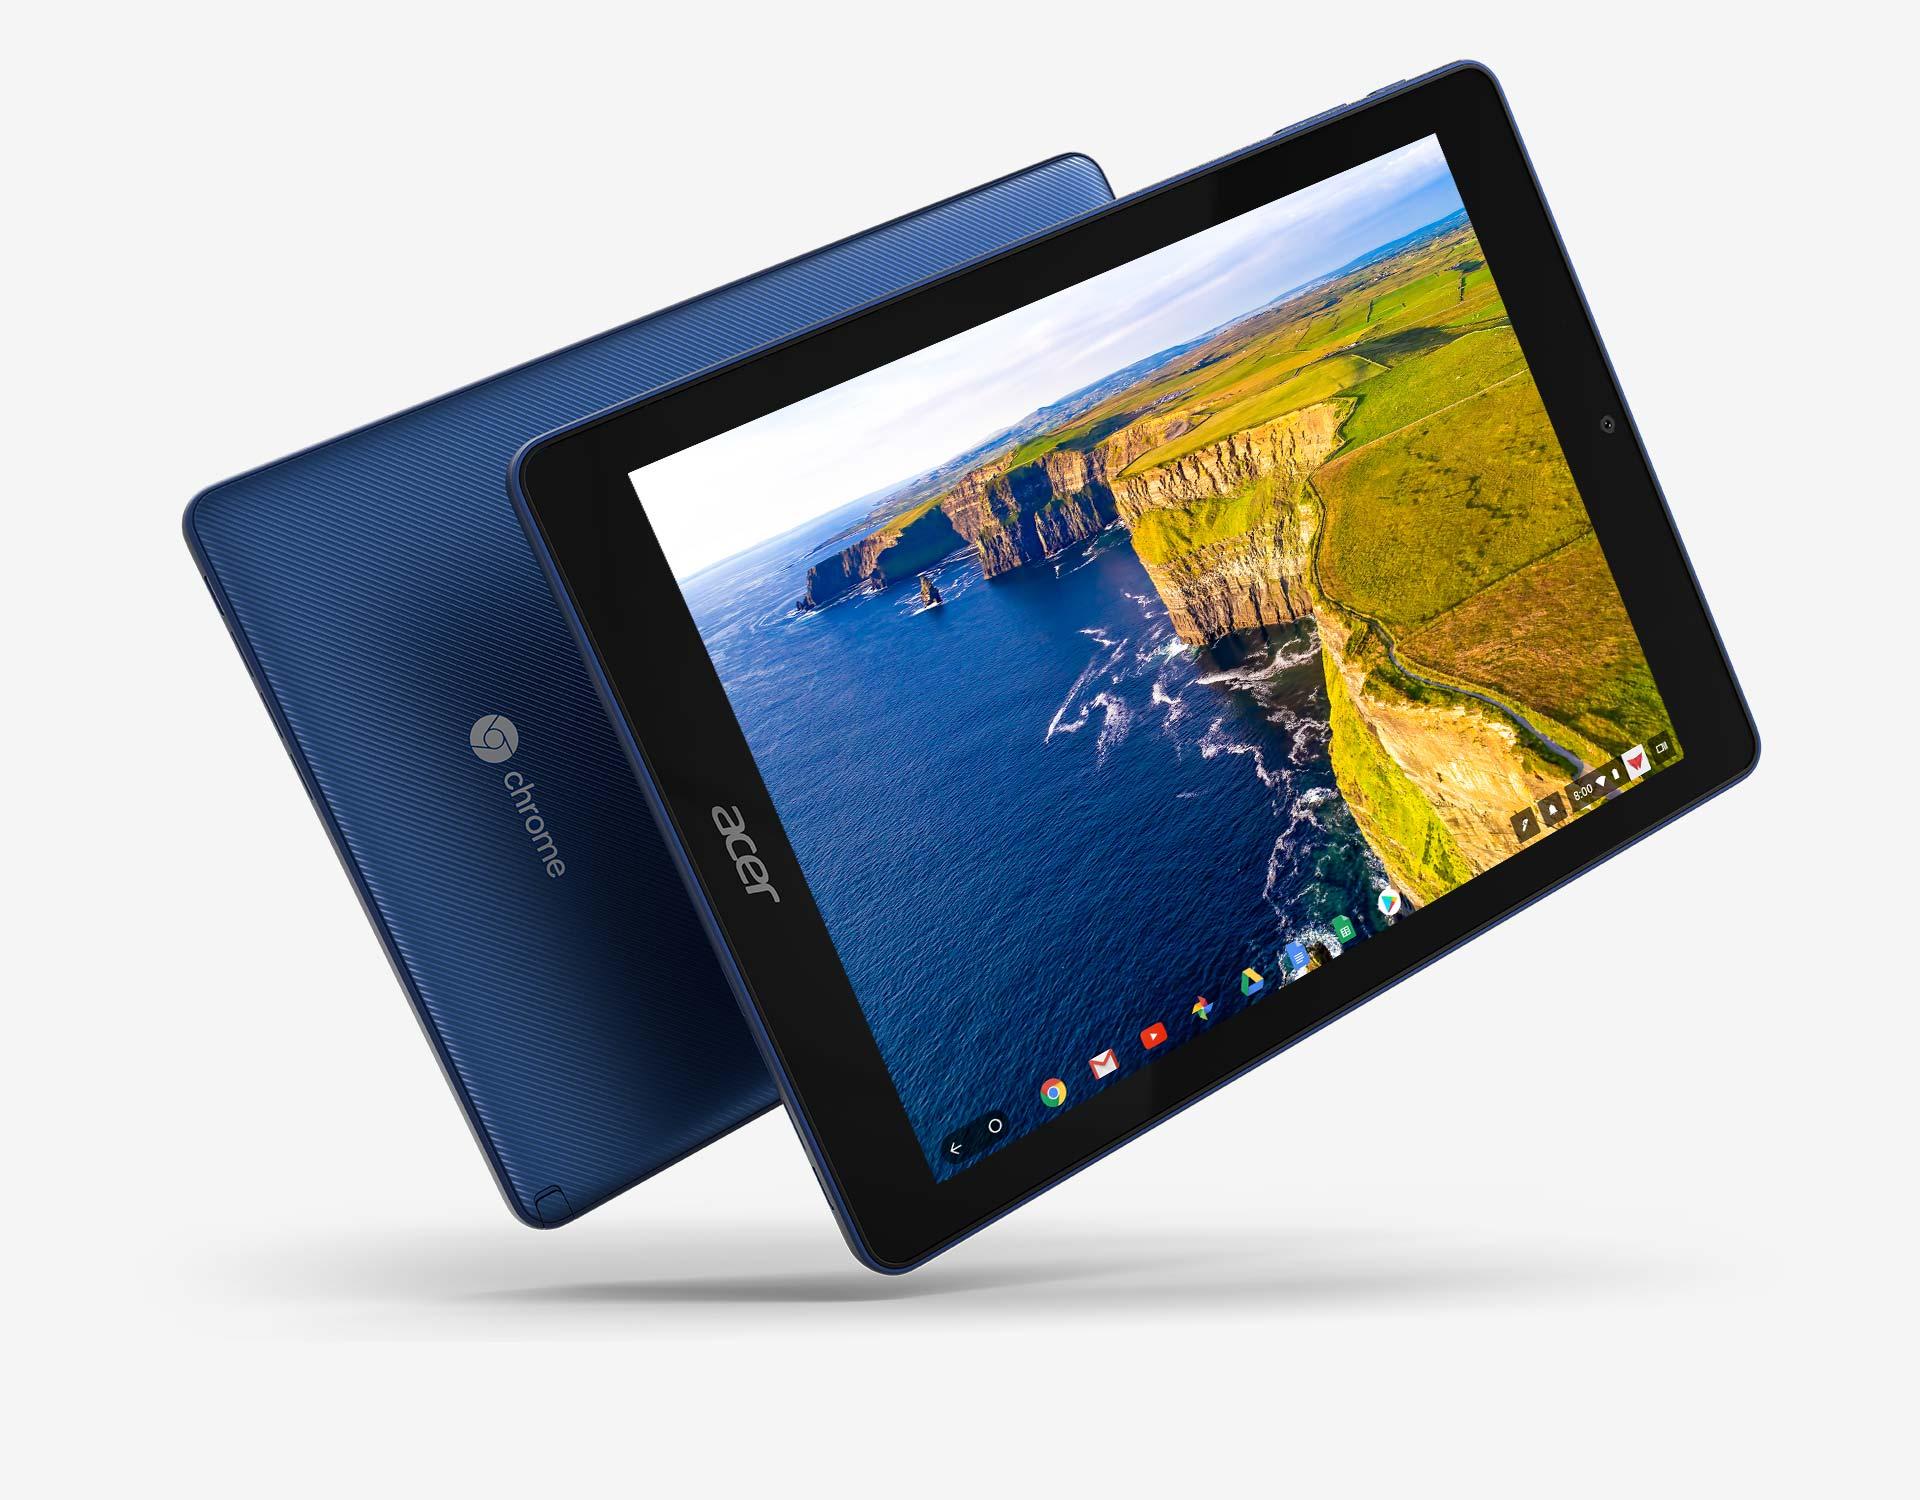 Acer Chromebook Tab 10 - pierwszy tablet z Chrome OS. Został stworzony specjalnie dla edukacji